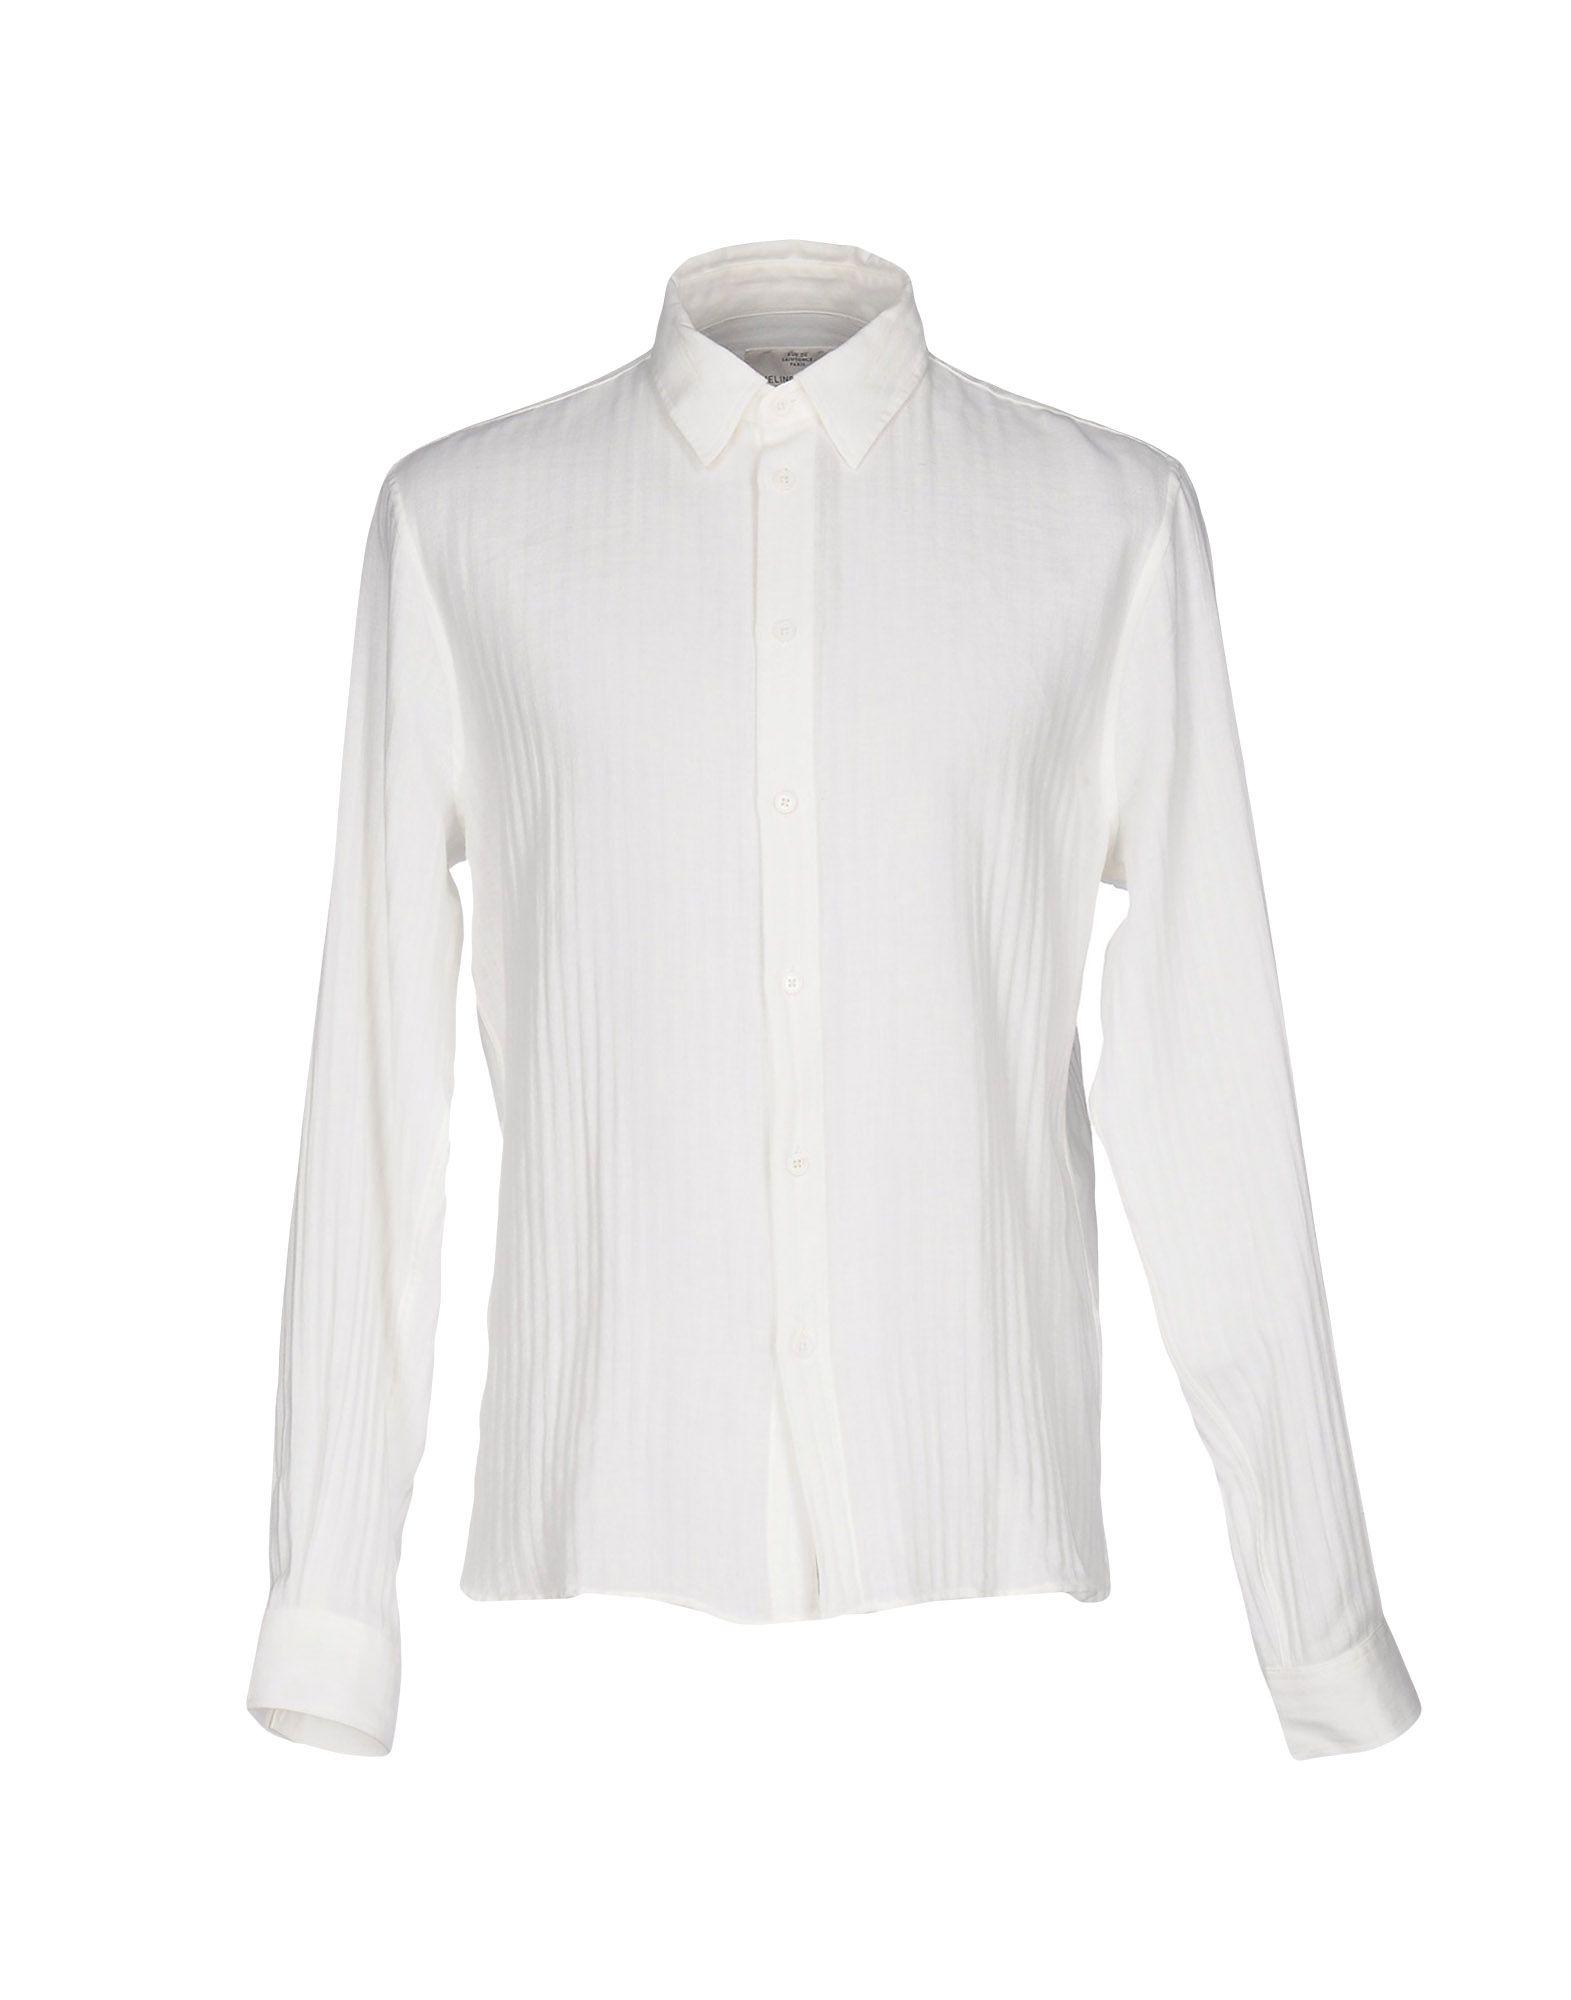 где купить MELINDAGLOSS Pубашка по лучшей цене